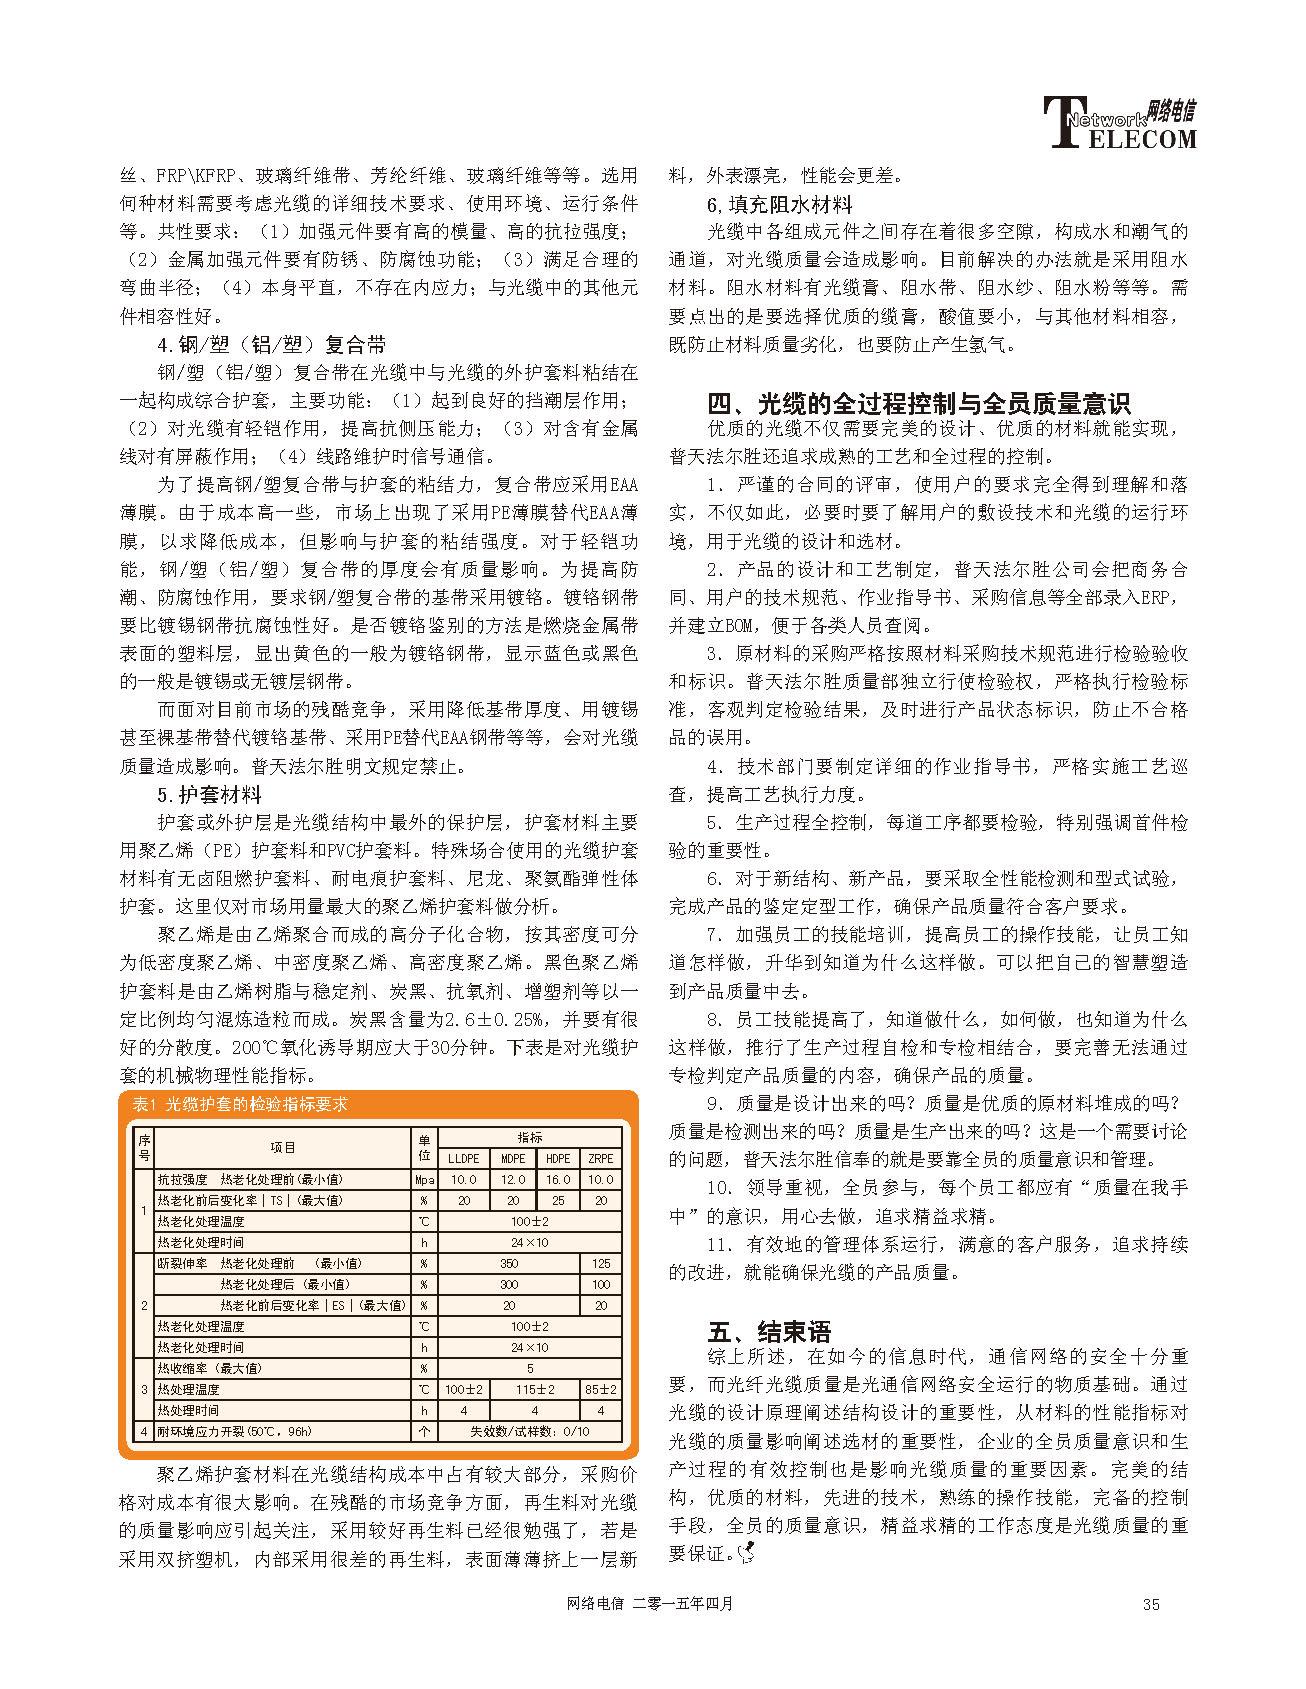 电信2015-04_页面_35.jpg